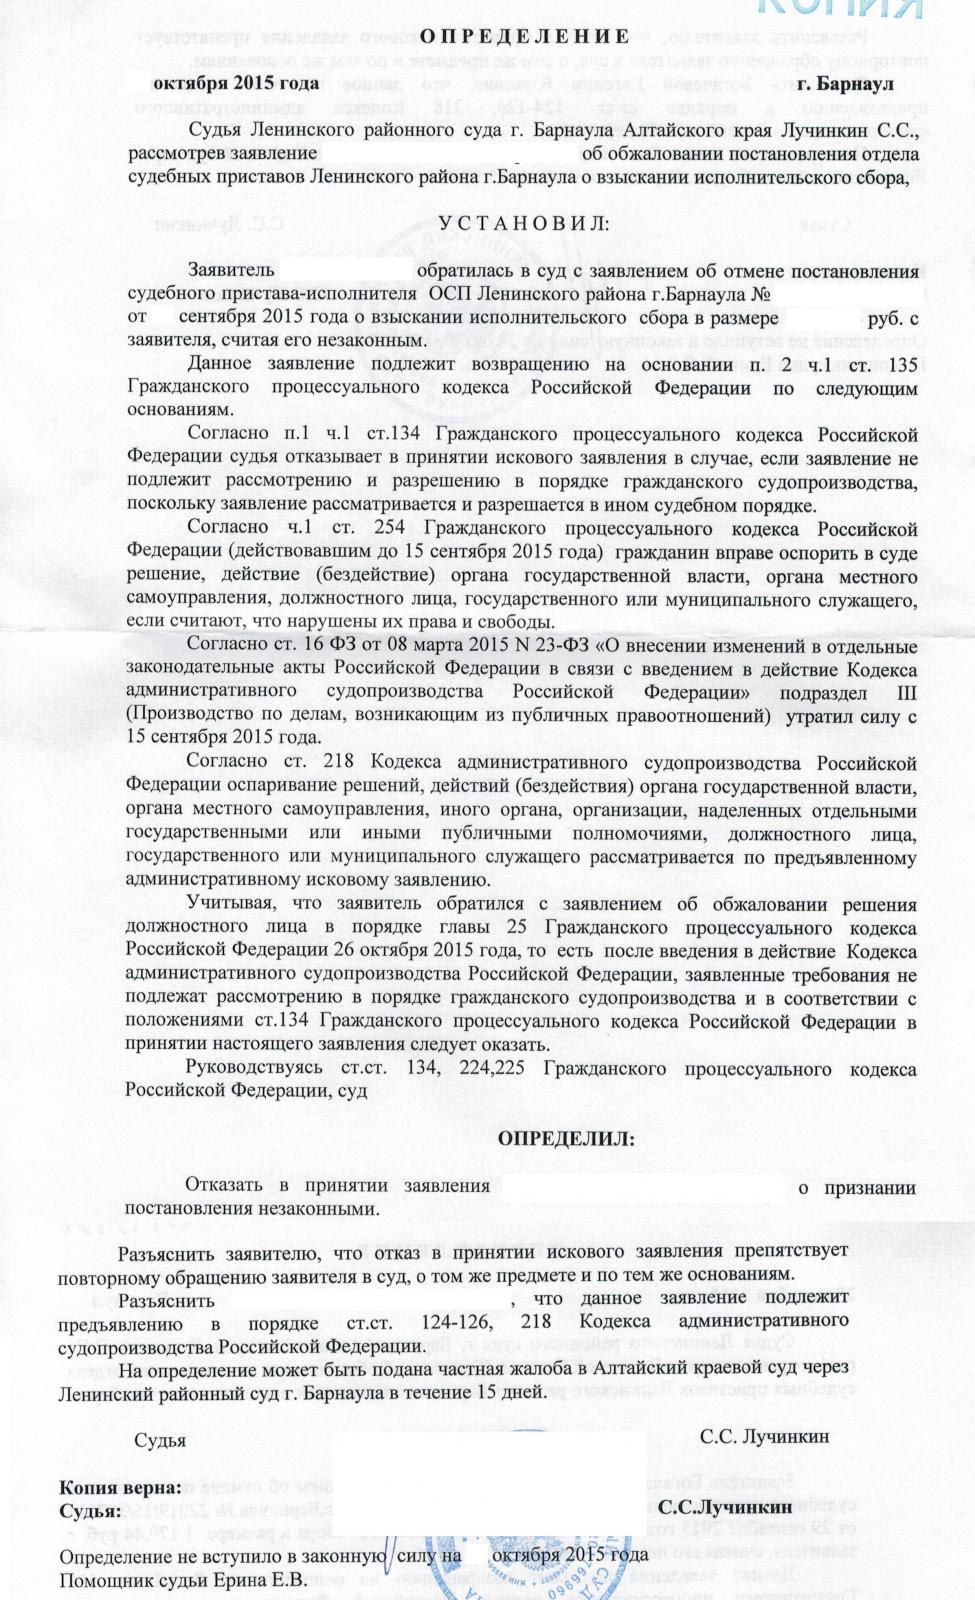 Исковое заявление об обжаловании постановления исполнительского сбора образец